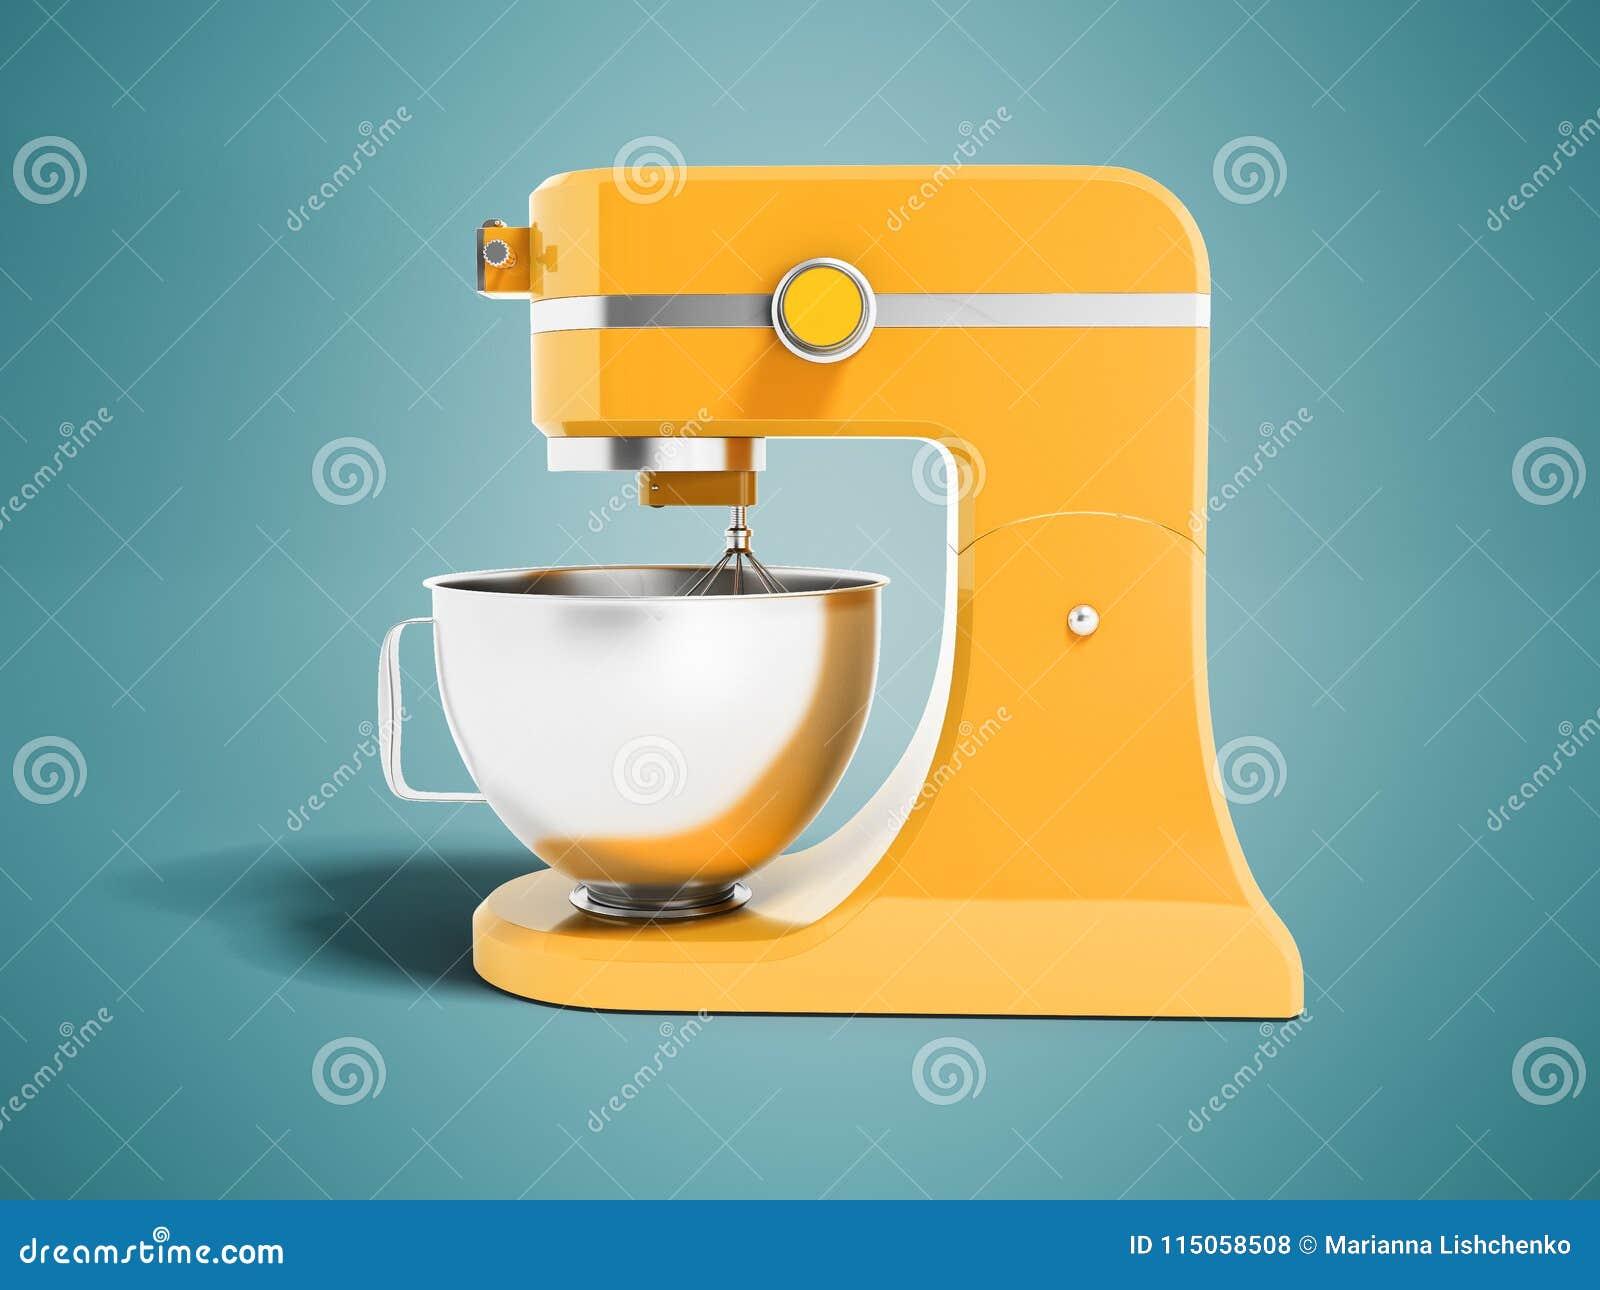 厨房黄色的现代多功能搅拌器与金属在蓝色背景的碗3d翻译与阴影